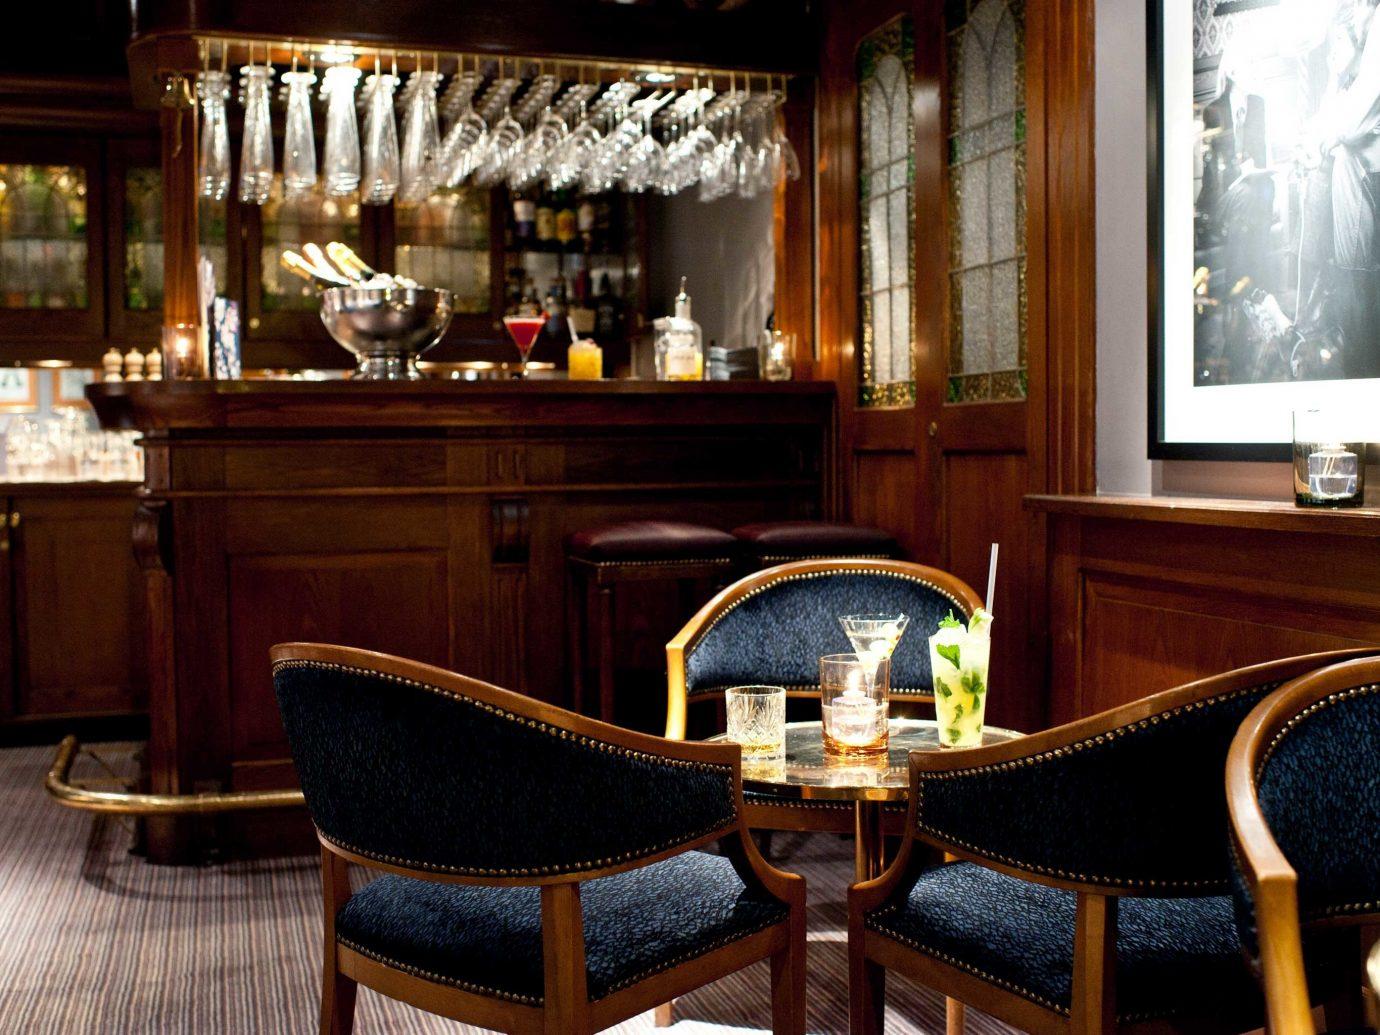 Bar Dining Drink Eat Elegant Hip Hotels Modern Stockholm Sweden chair indoor window room estate restaurant interior design recreation room dining table